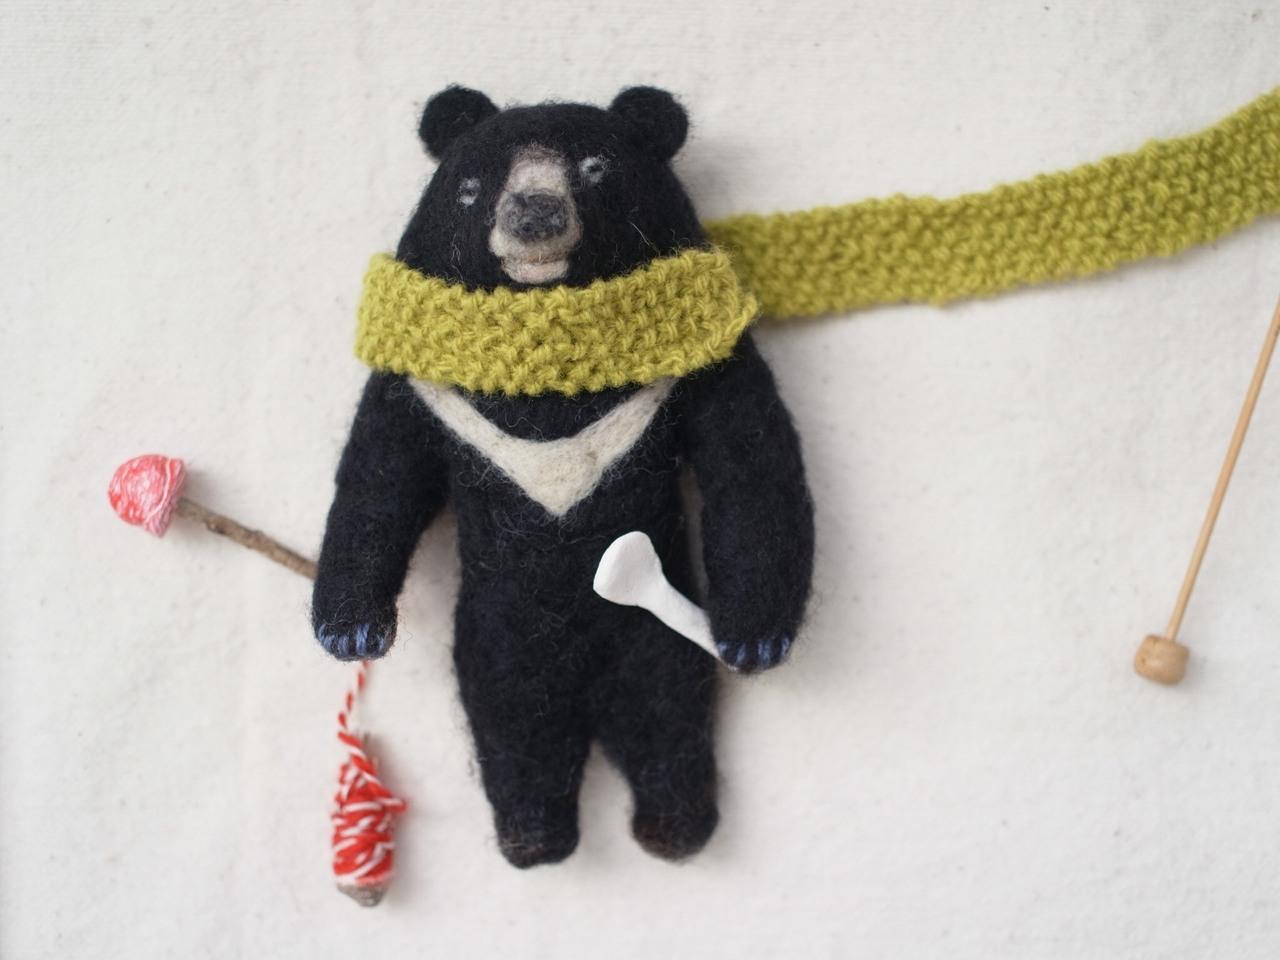 【布博 in 東京 vol.12】緒方伶香 「 羊毛で作るブラックベア(台湾黒熊) 」